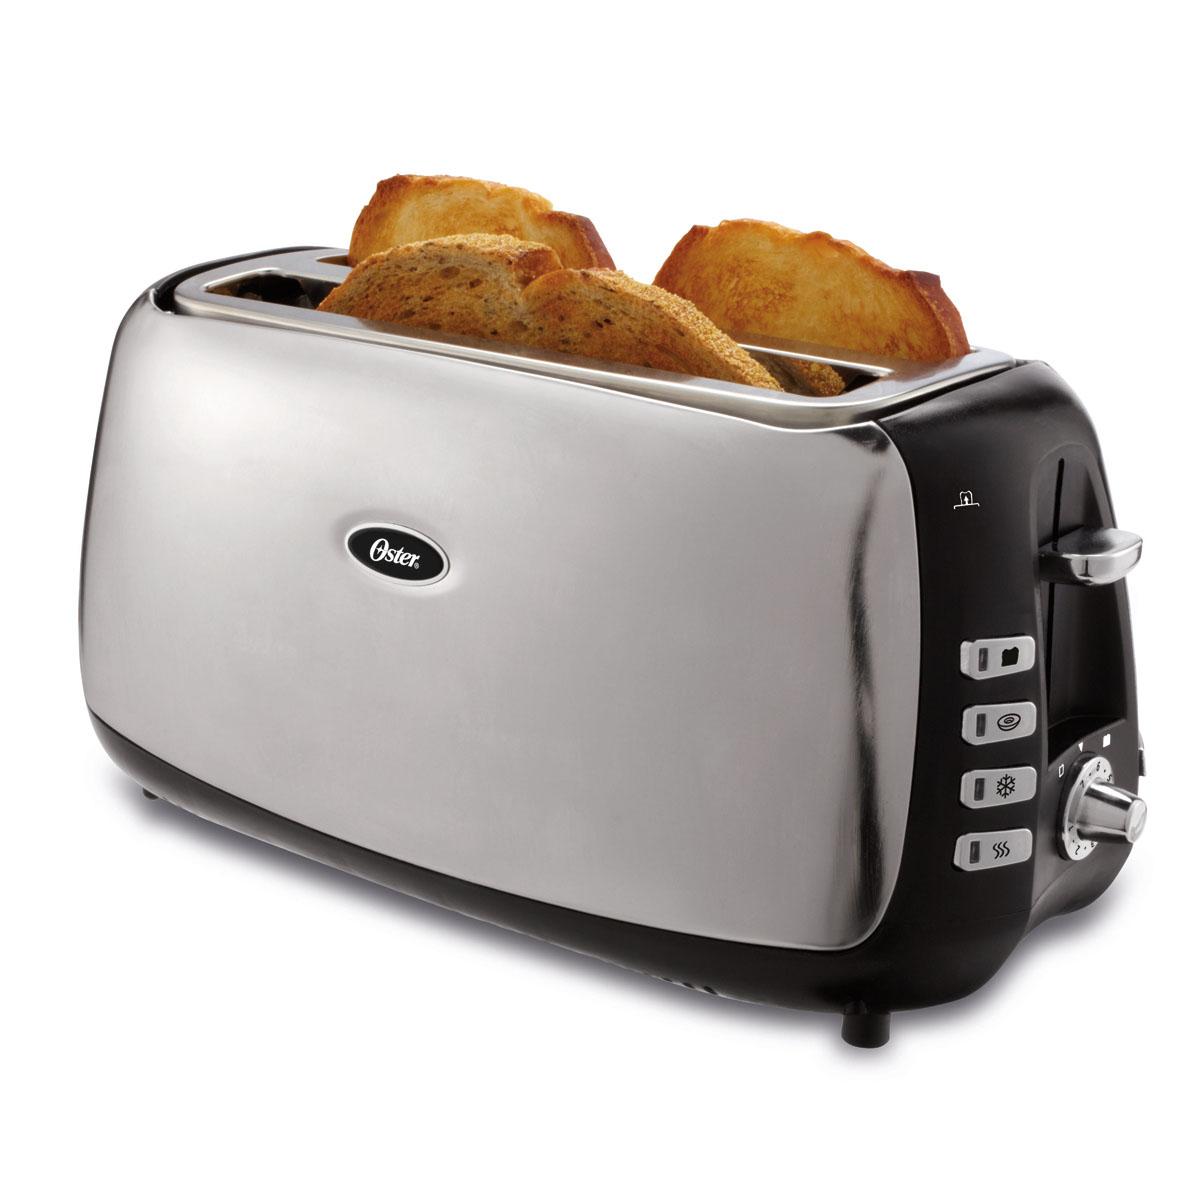 oster 4 slice long slot toaster tsstjcps01 033 oster. Black Bedroom Furniture Sets. Home Design Ideas